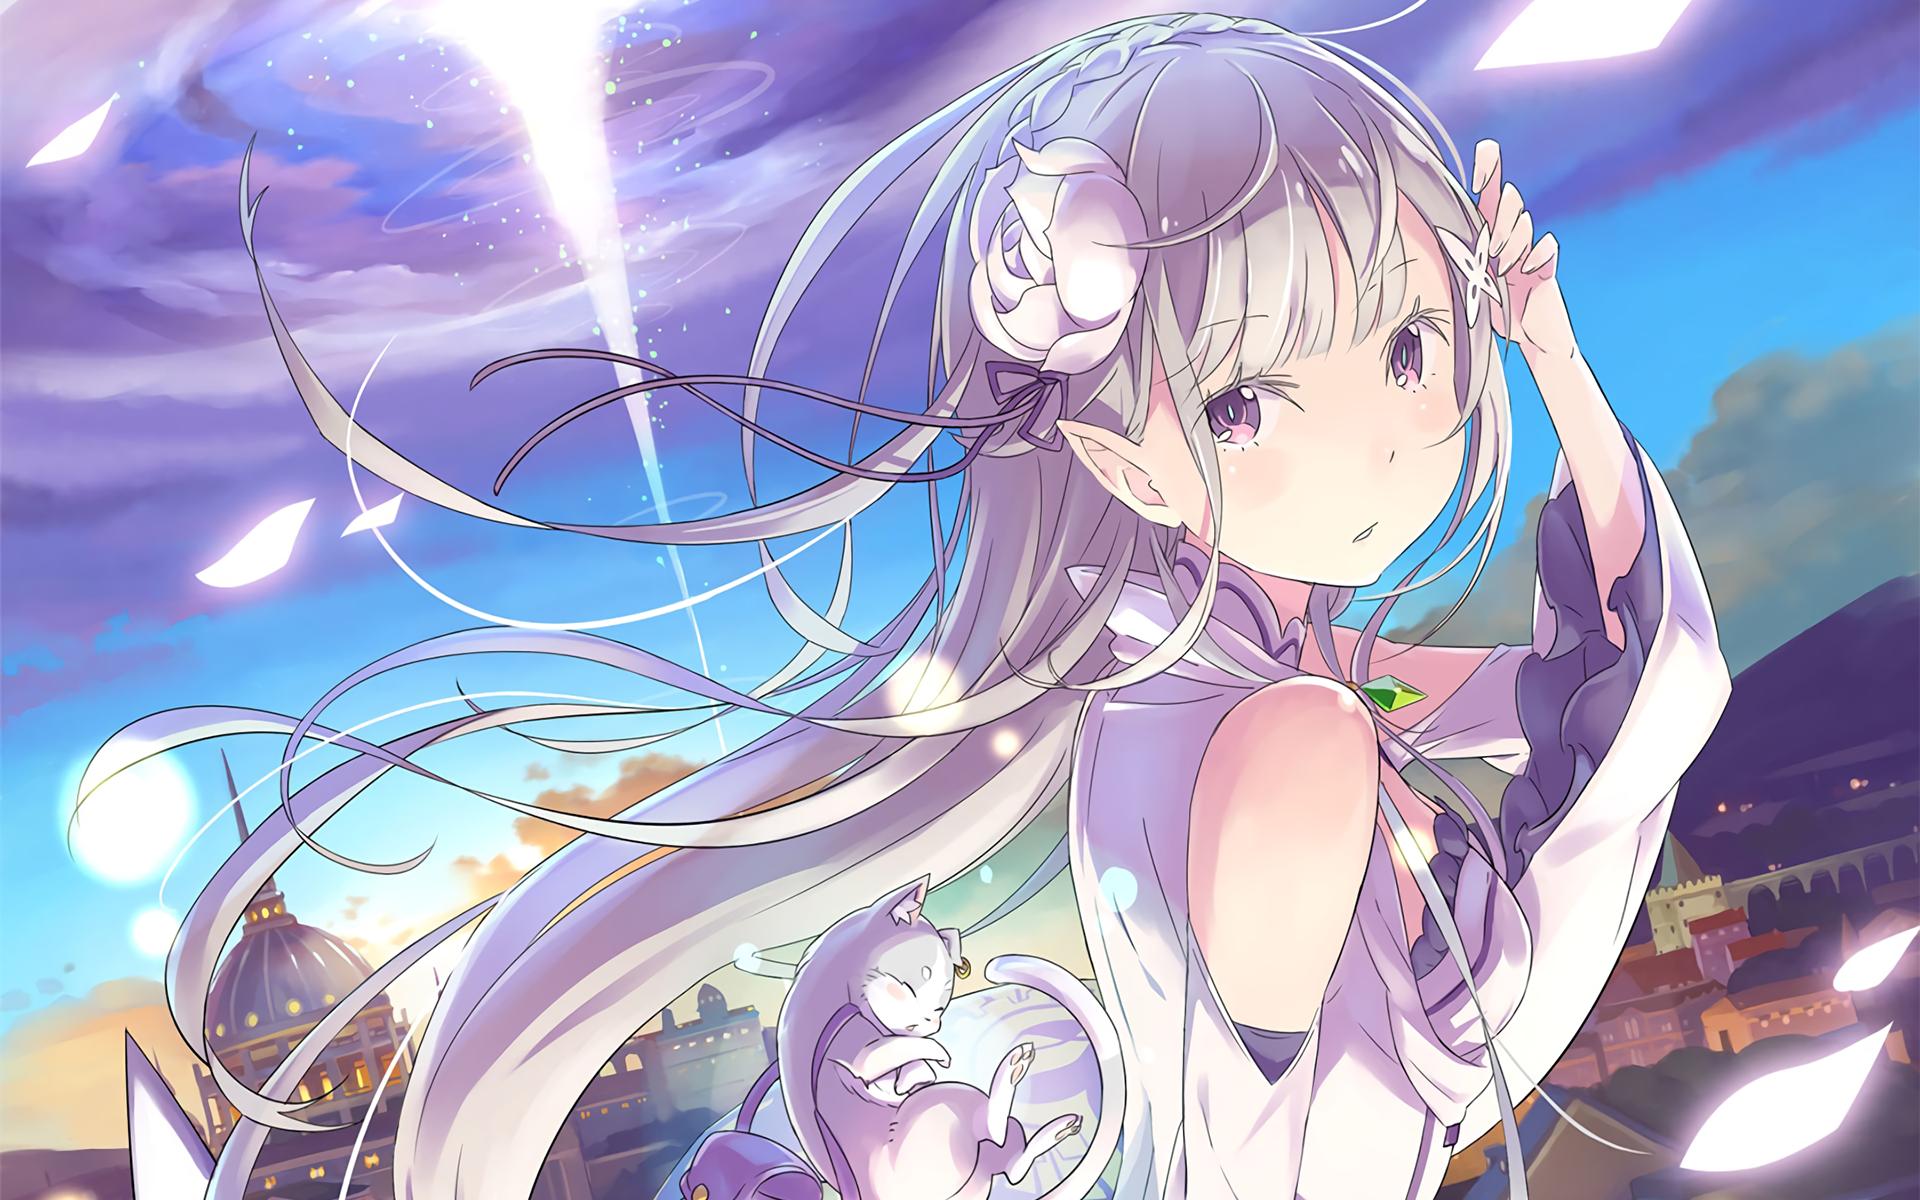 Profile Emilia [Re:Zero kara Hajimeru Isekai Seikatsu]